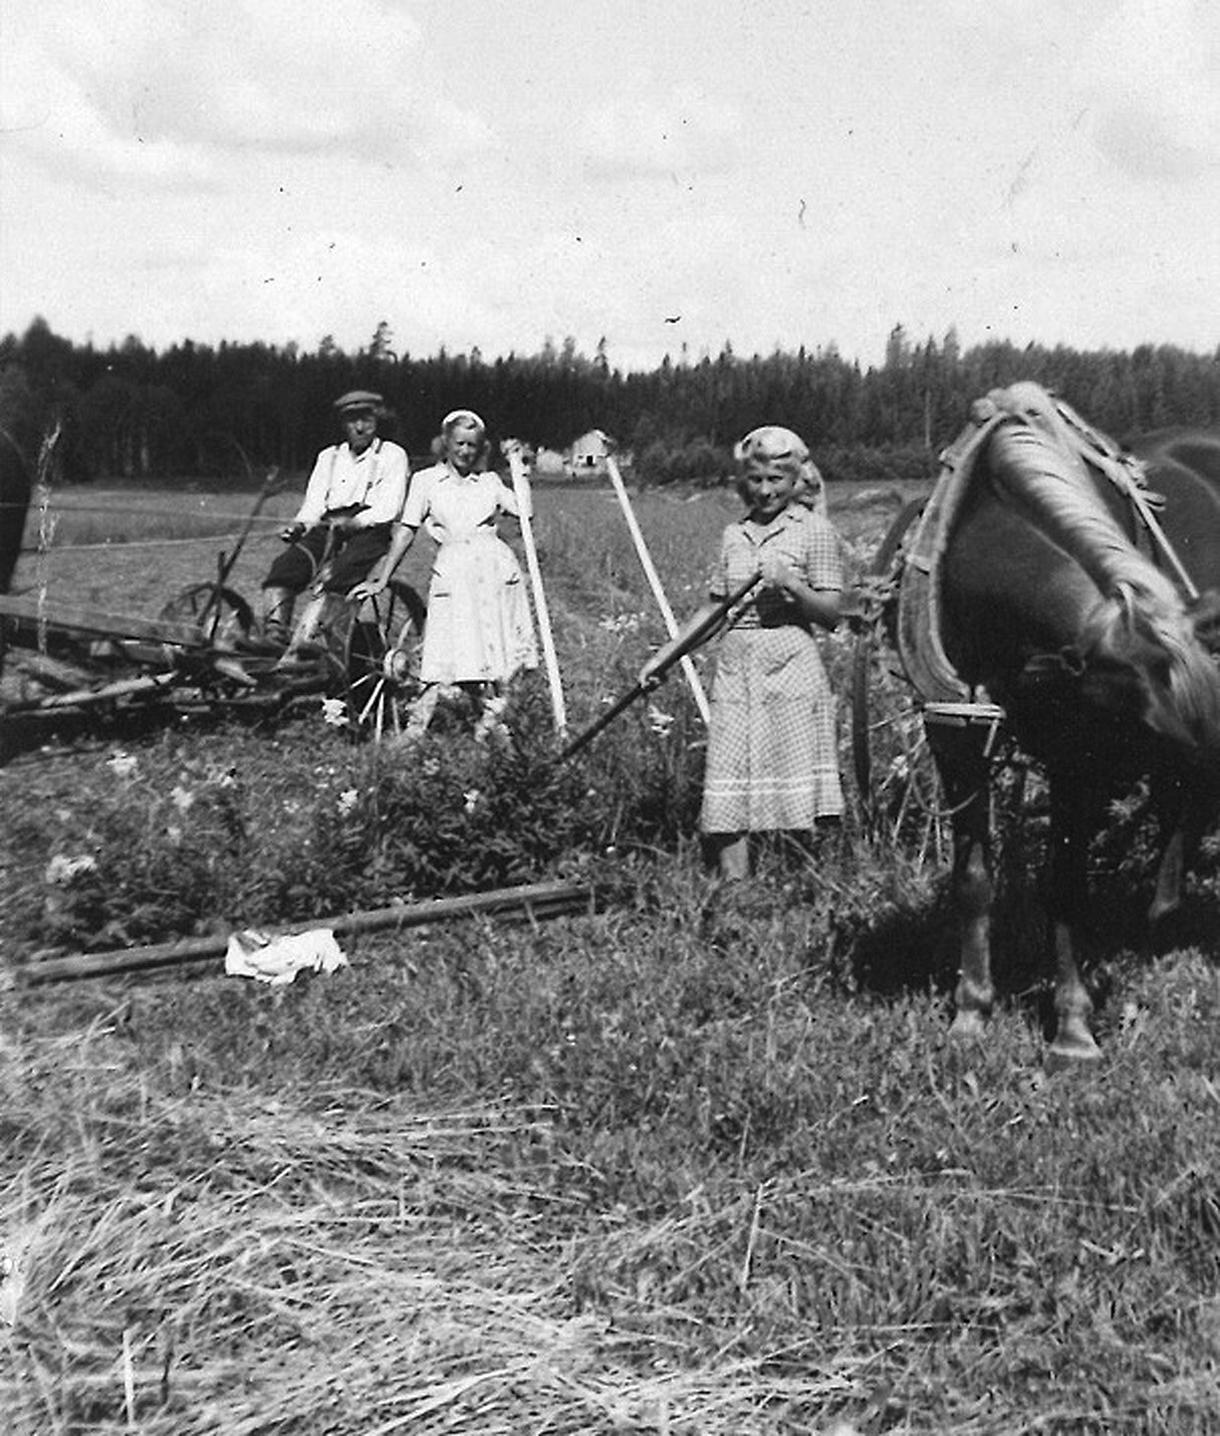 Peltotöissä Rastilan pelloilla 1940-luvun lopulla etualalla Seija Mäkisen äiti Bertta Tikka, enon vaimo Tyyne Tikka sekä isoisä Salomon Tikka ja hänen hevosensa. Kuva: Seija Mäkisen kotialbumi